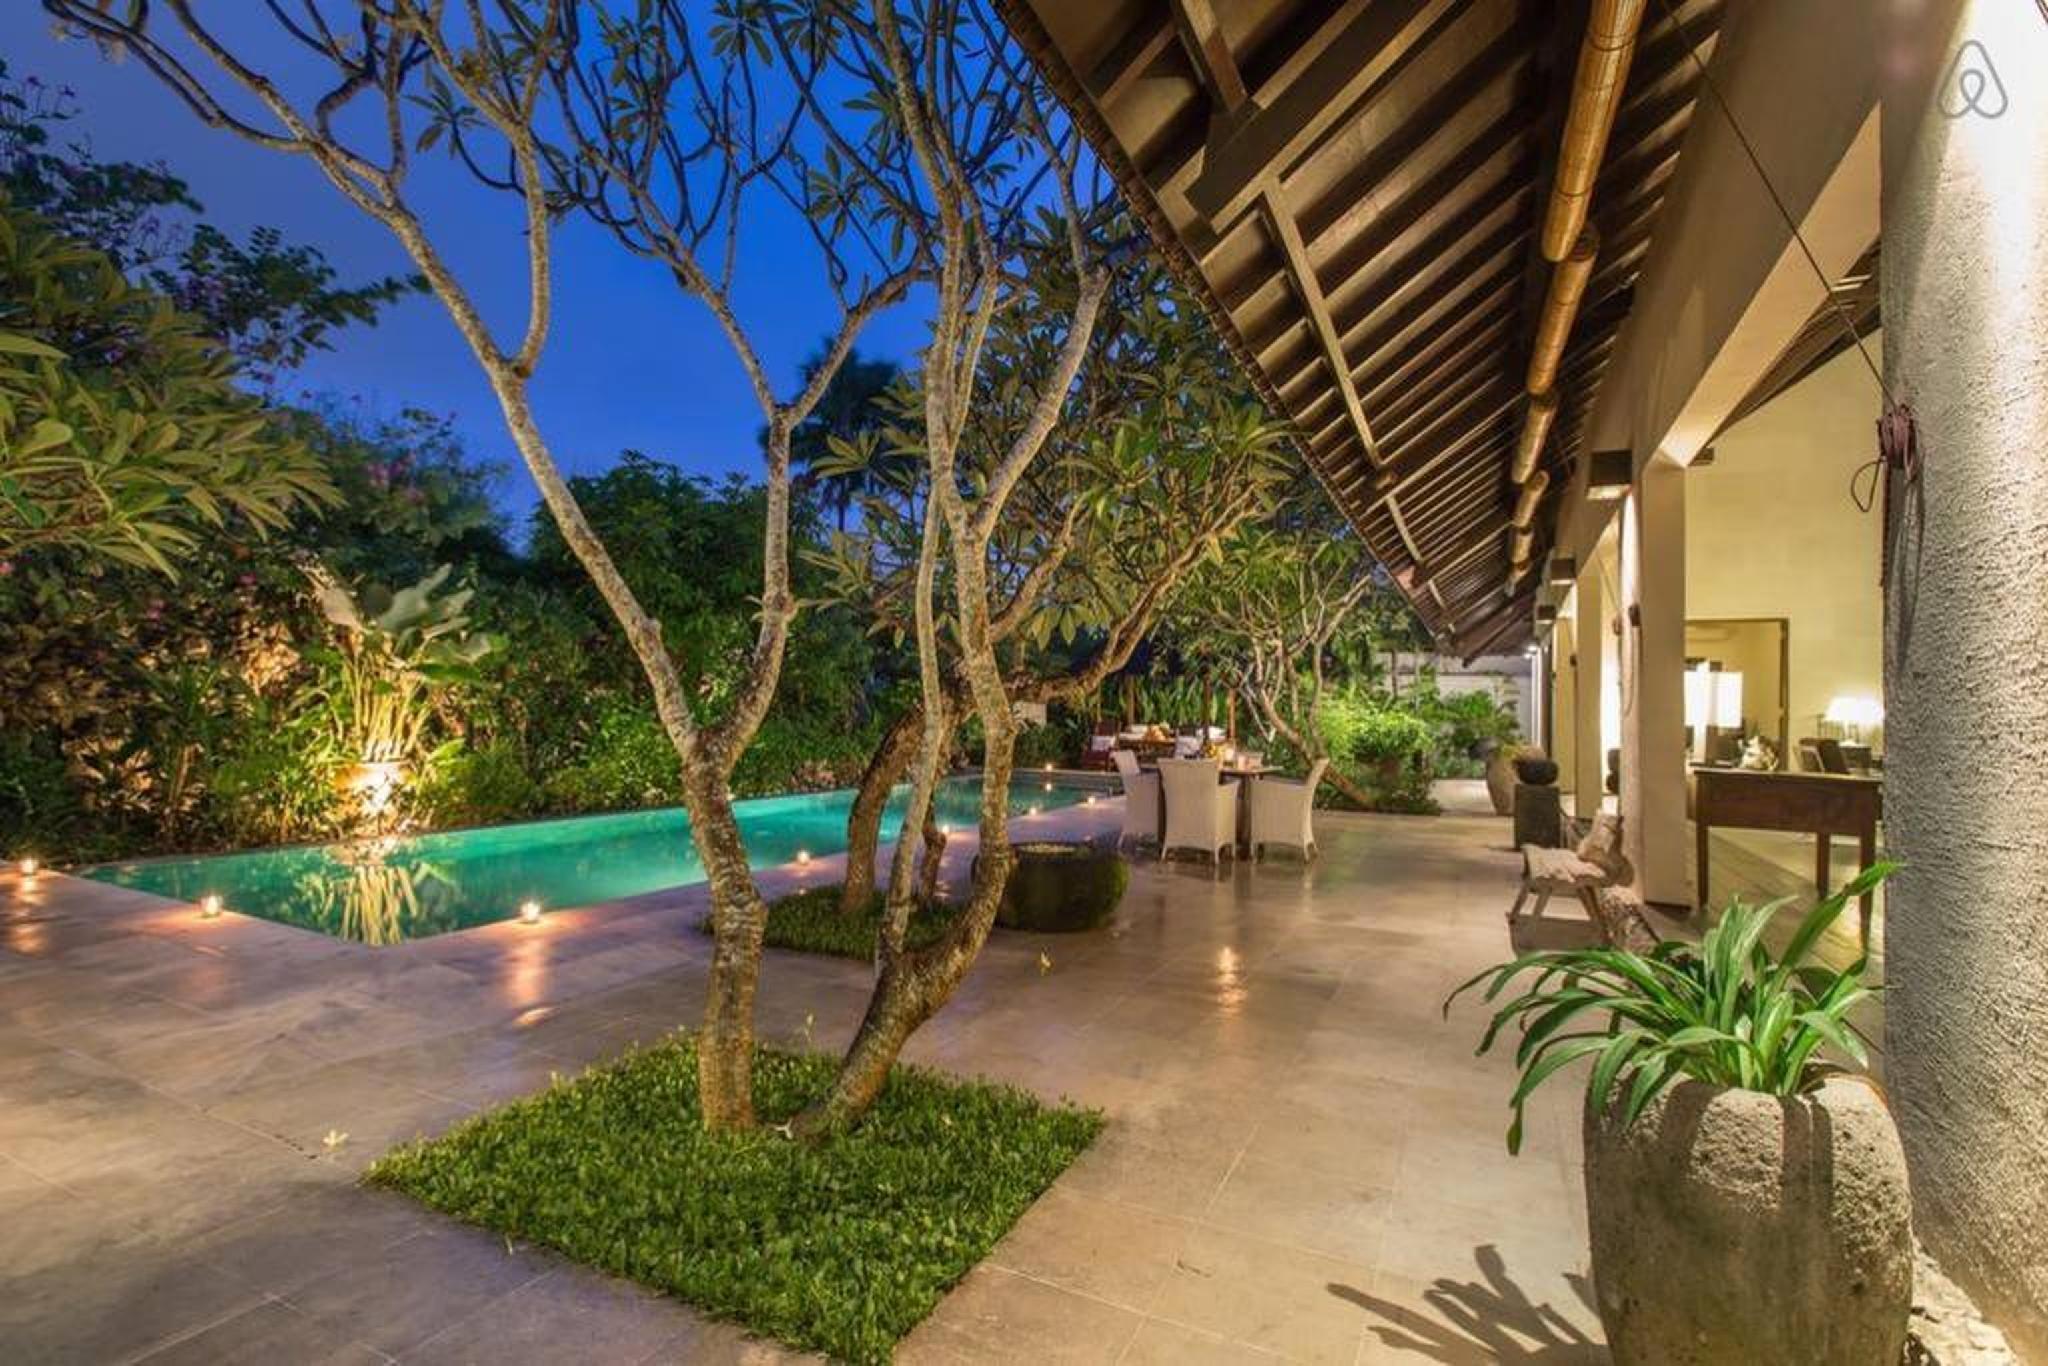 3 Bedroom Bali Tropical Villas